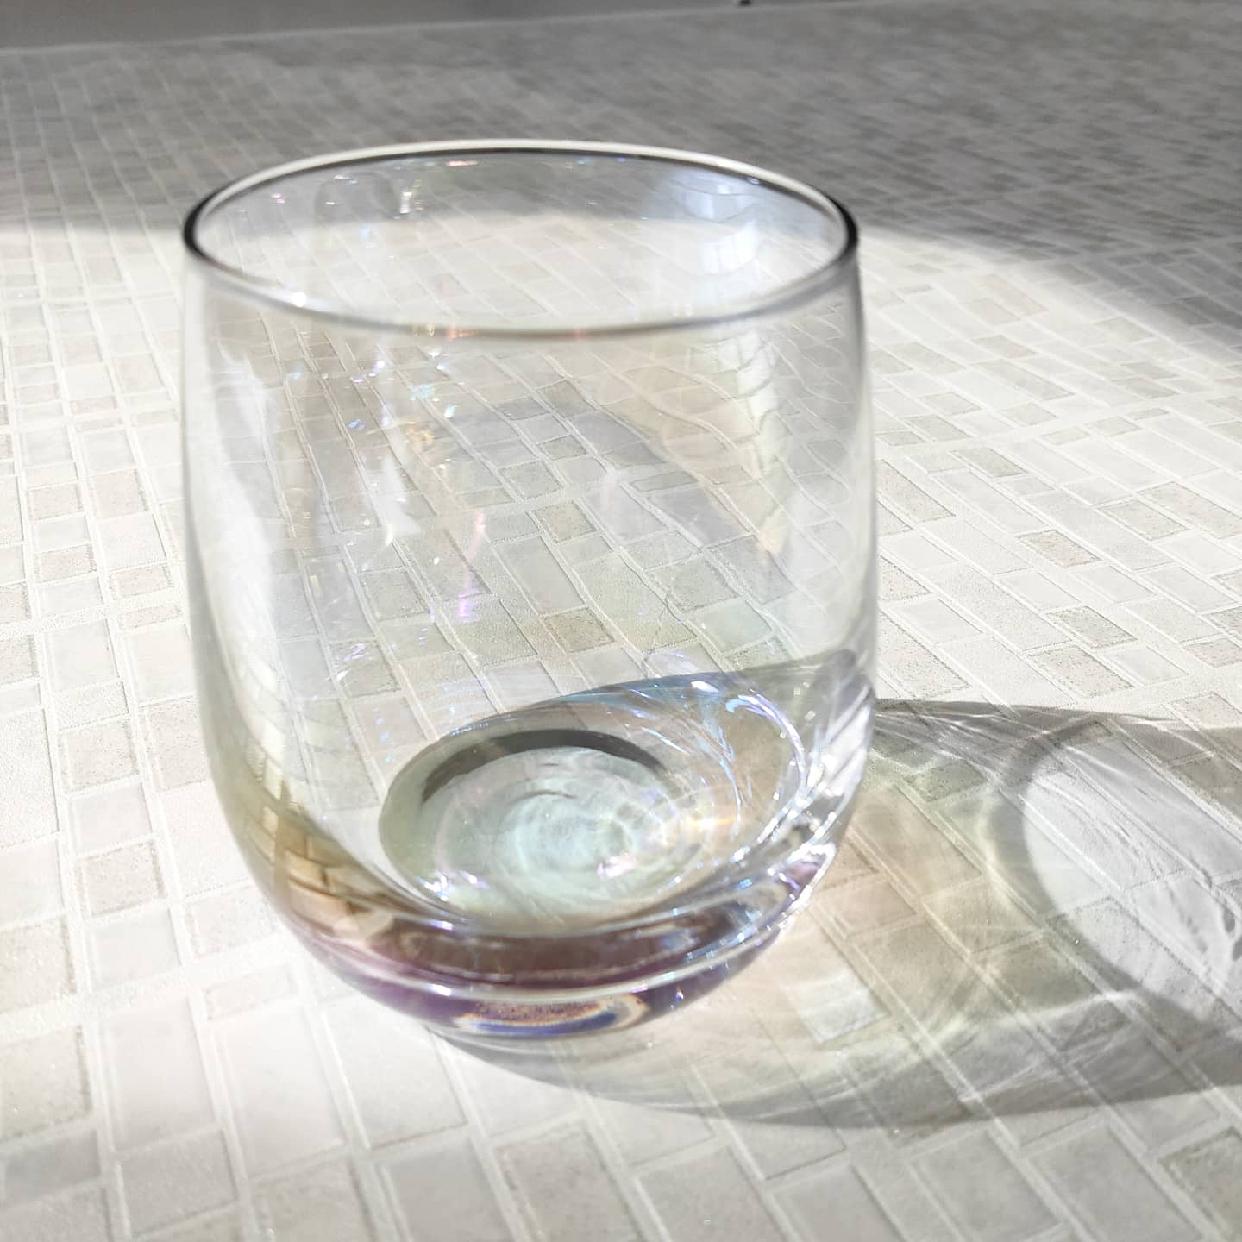 3COINS(スリーコインズ) オーロラグラスを使ったttyさんのクチコミ画像3